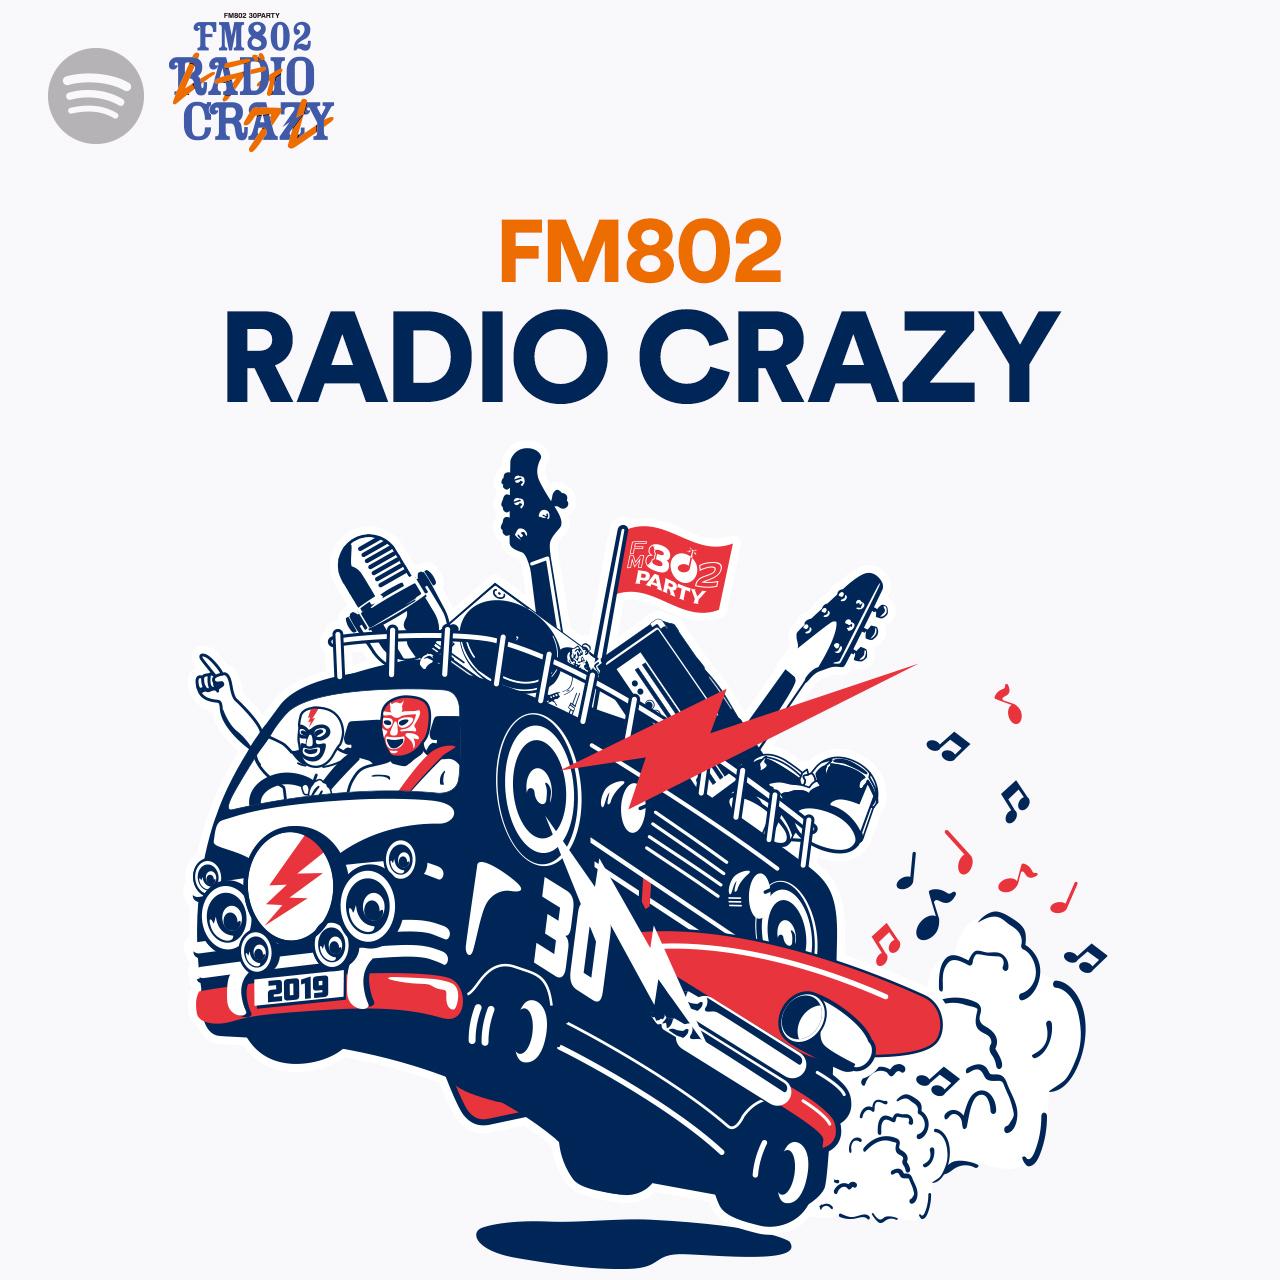 FM802 RADIO CRAZY Spotifyプレイリストオープン!